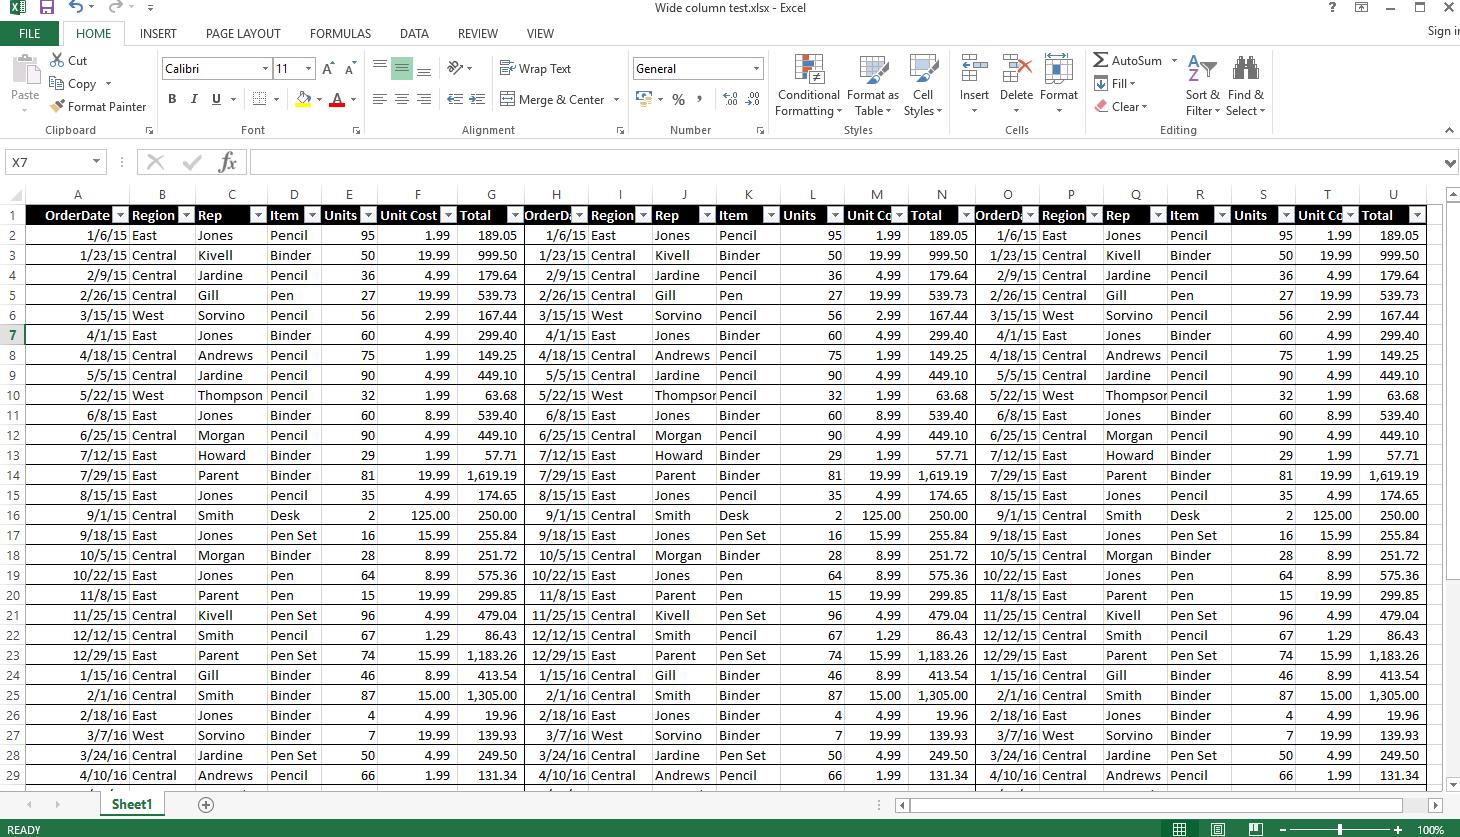 Help Print Sheet